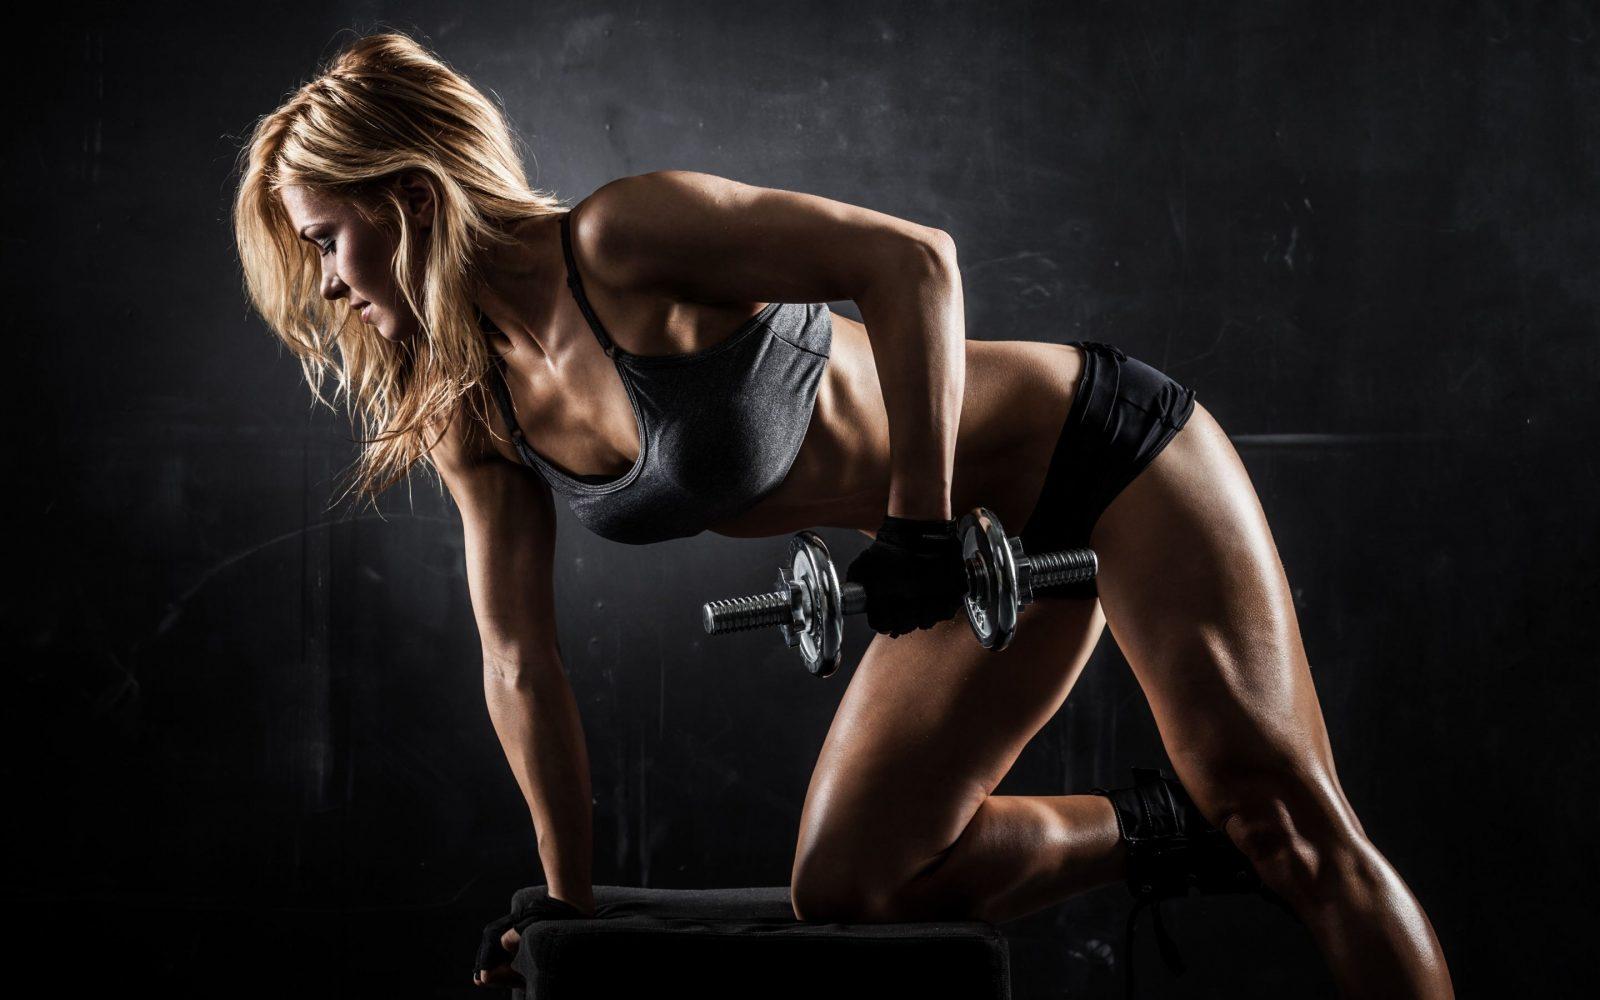 Девушка выполняет упражнение тяга гантели одной рукой в наклоне на скамье